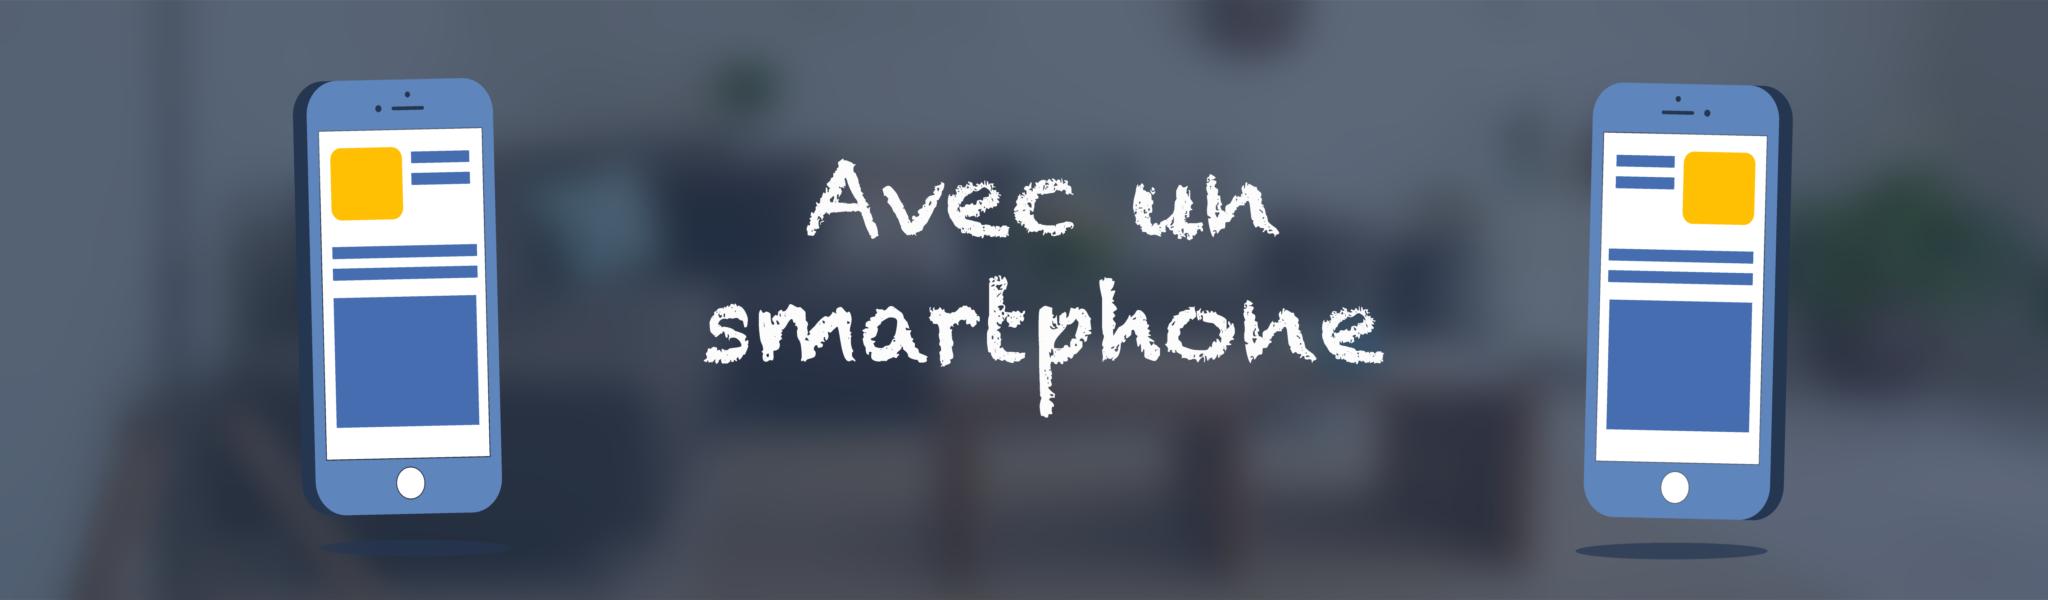 Solution Photos pour l'immobilier - Avec un smartphone- Meilleure Visite